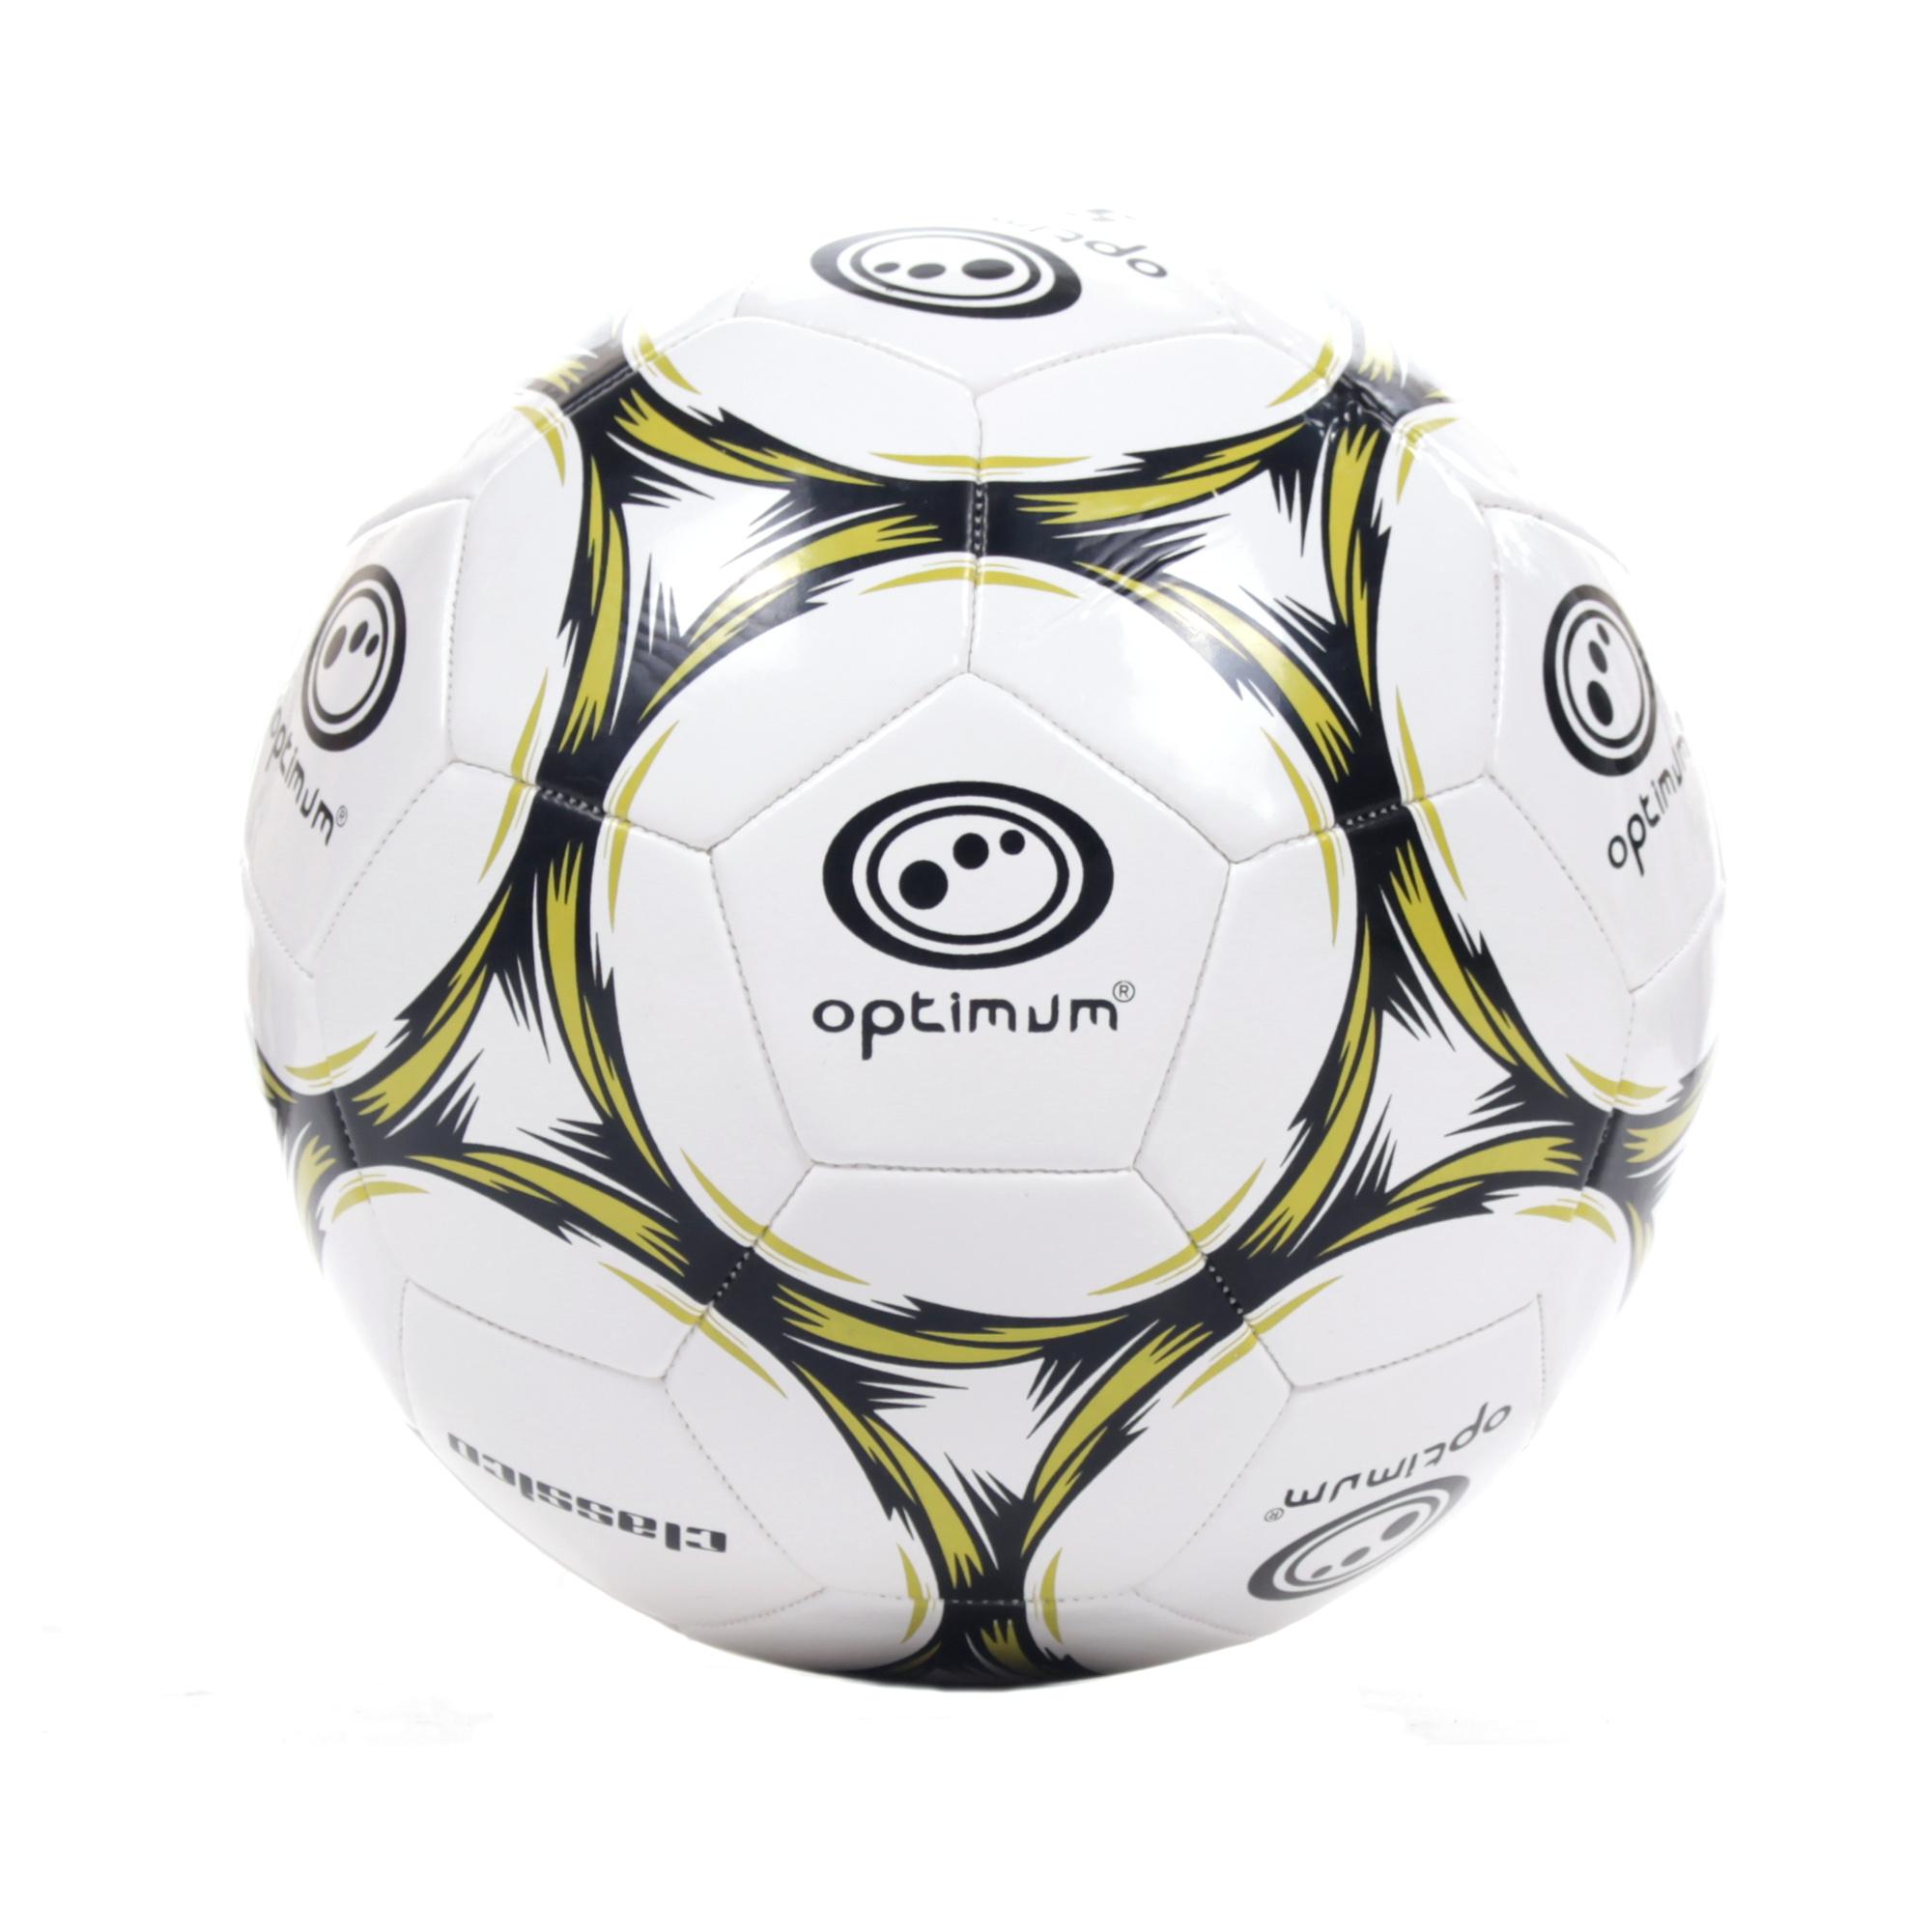 Optimum-Classico-Football-Soccer-Ball thumbnail 9